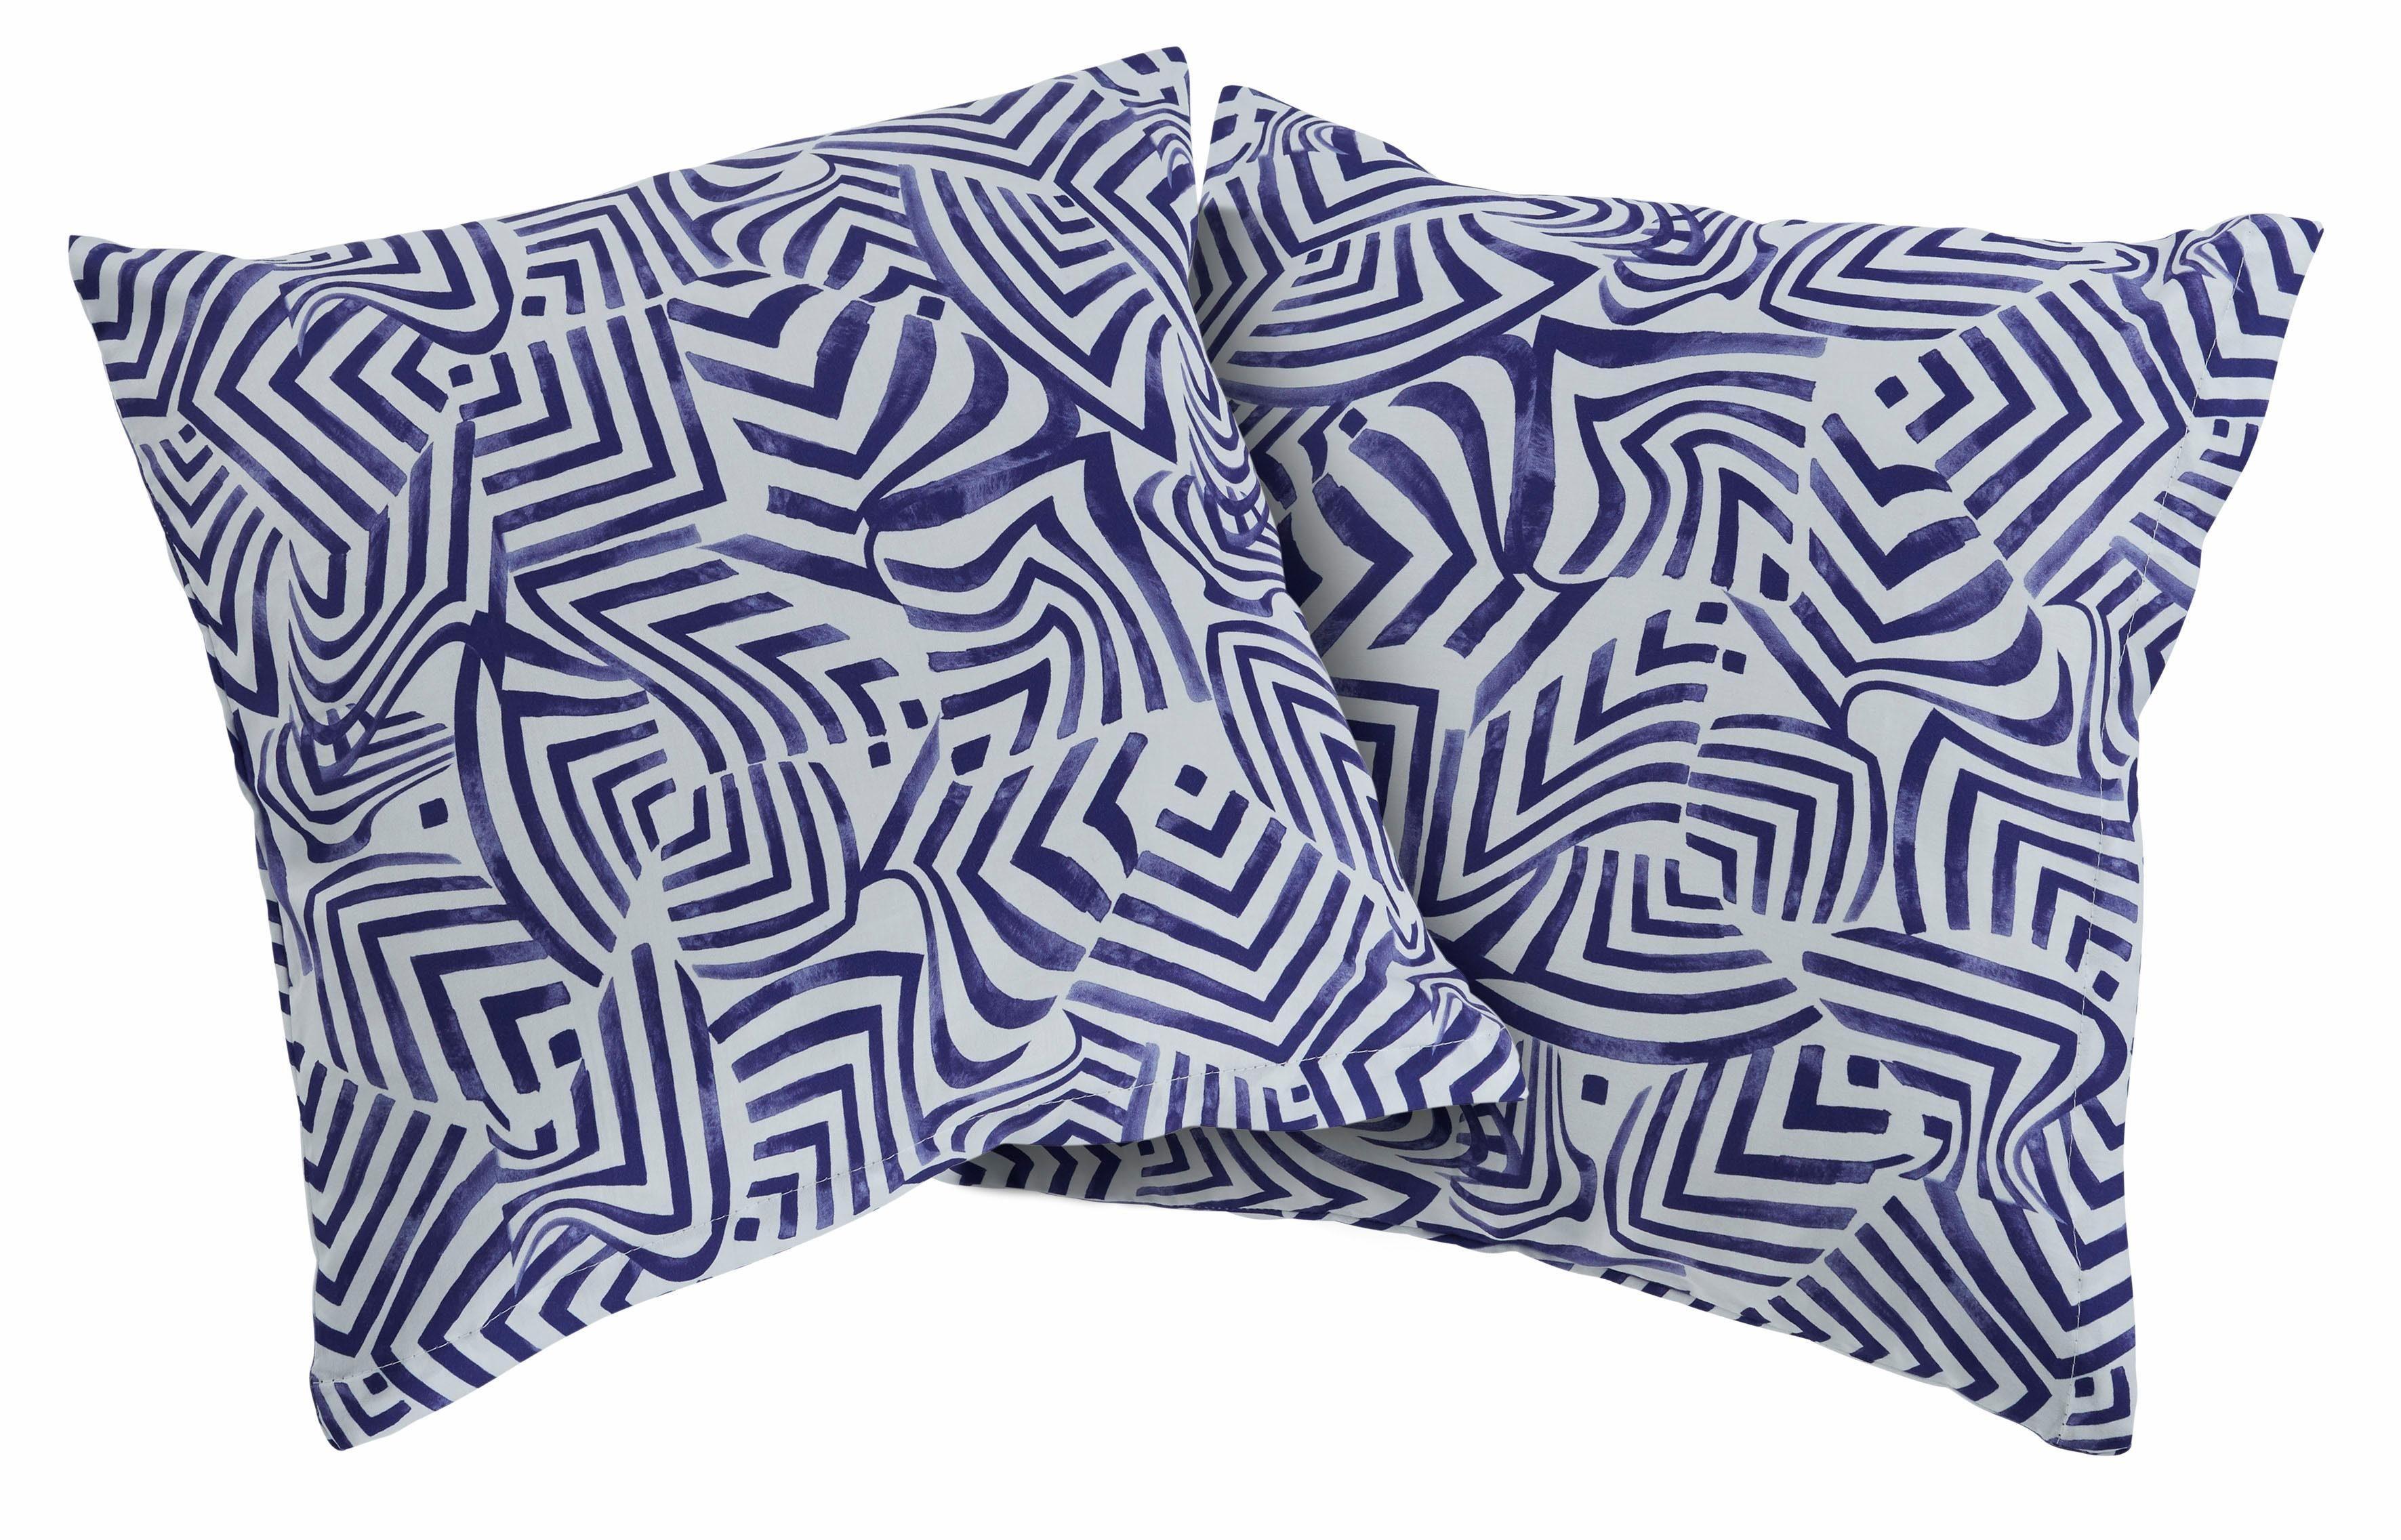 Kissenhüllen »Blue waves«, Guido Maria Kretschmer Home&Living, mit modernem Muster (2 Stück)